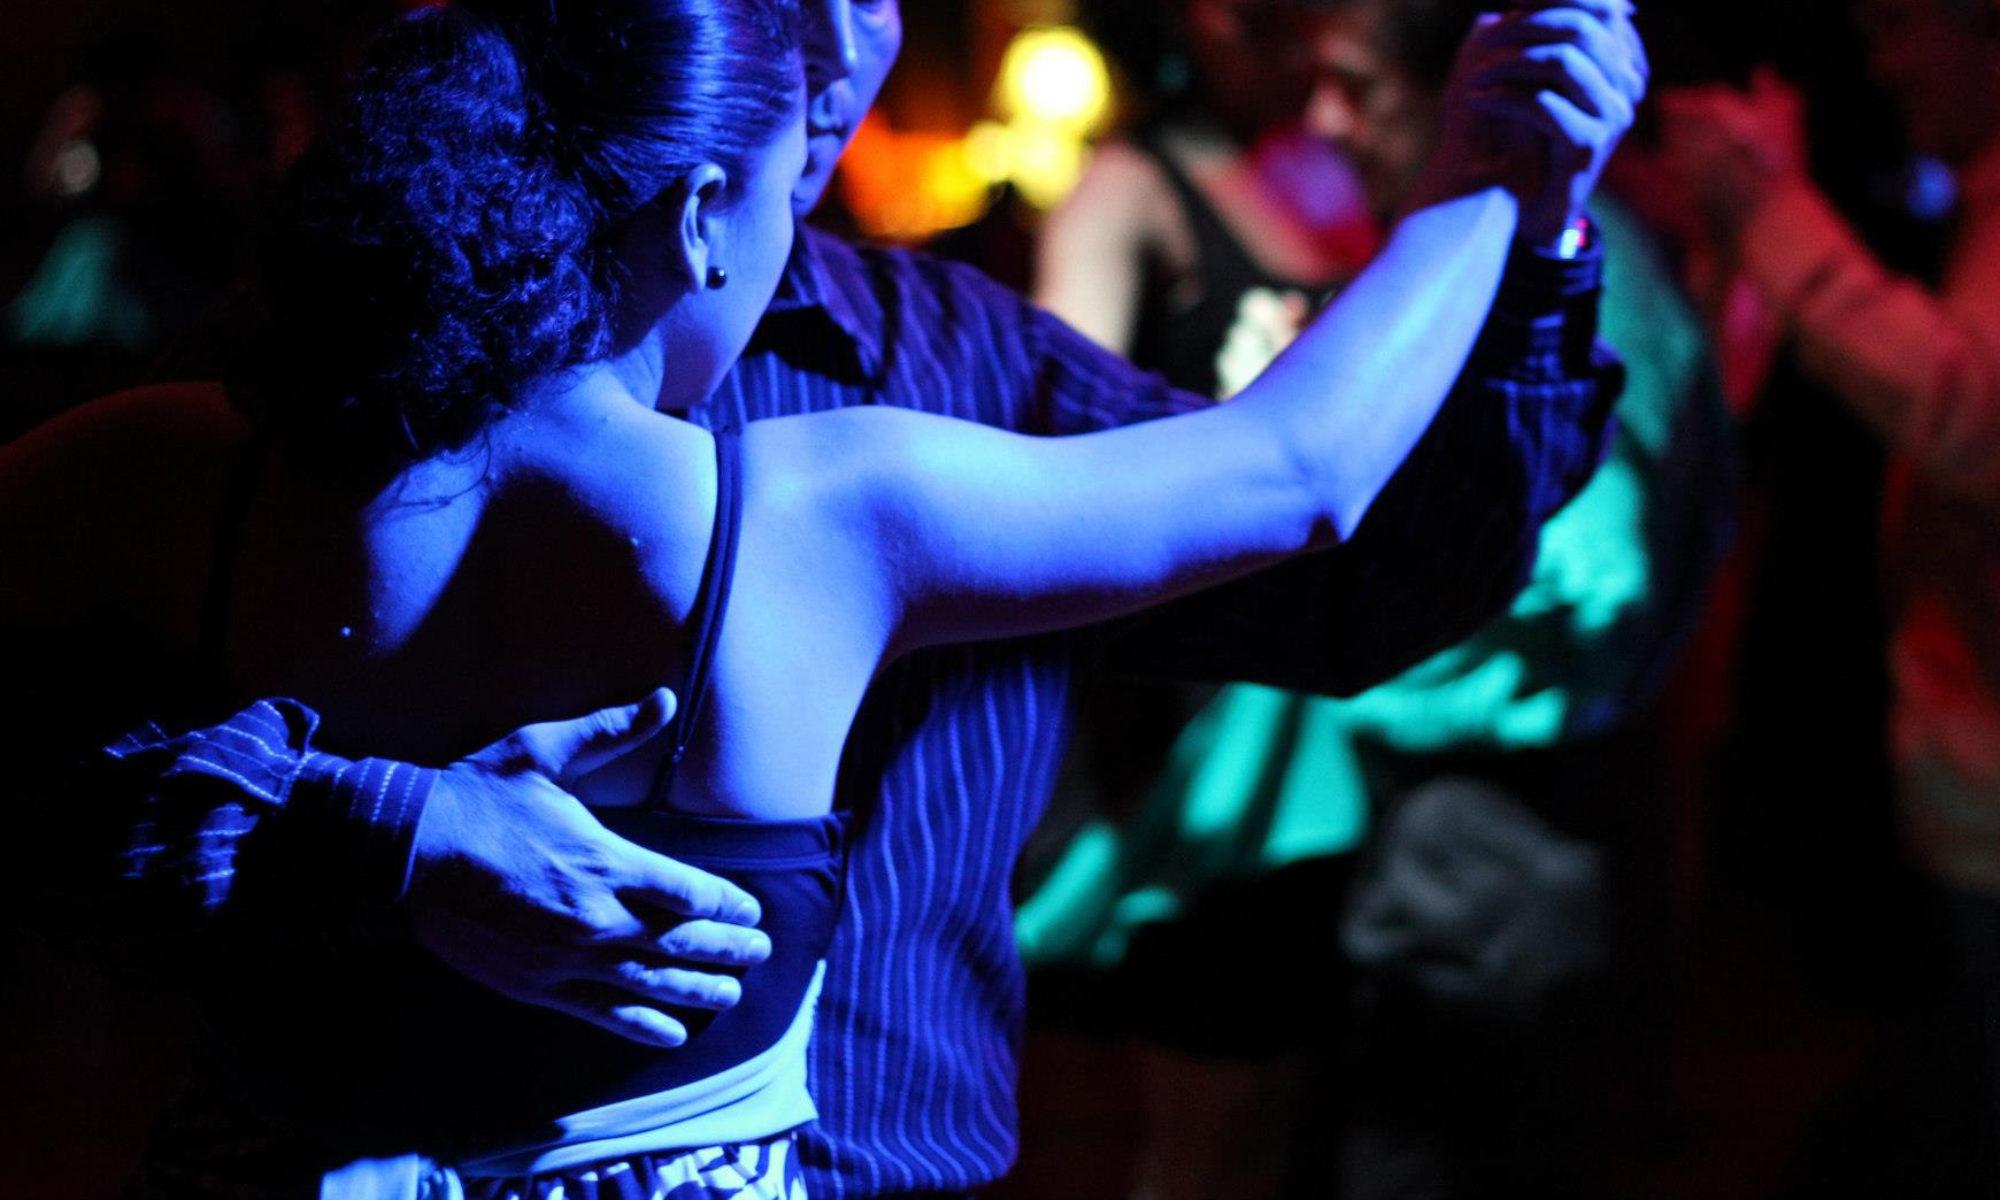 Cours de danse à domicile à Annecy